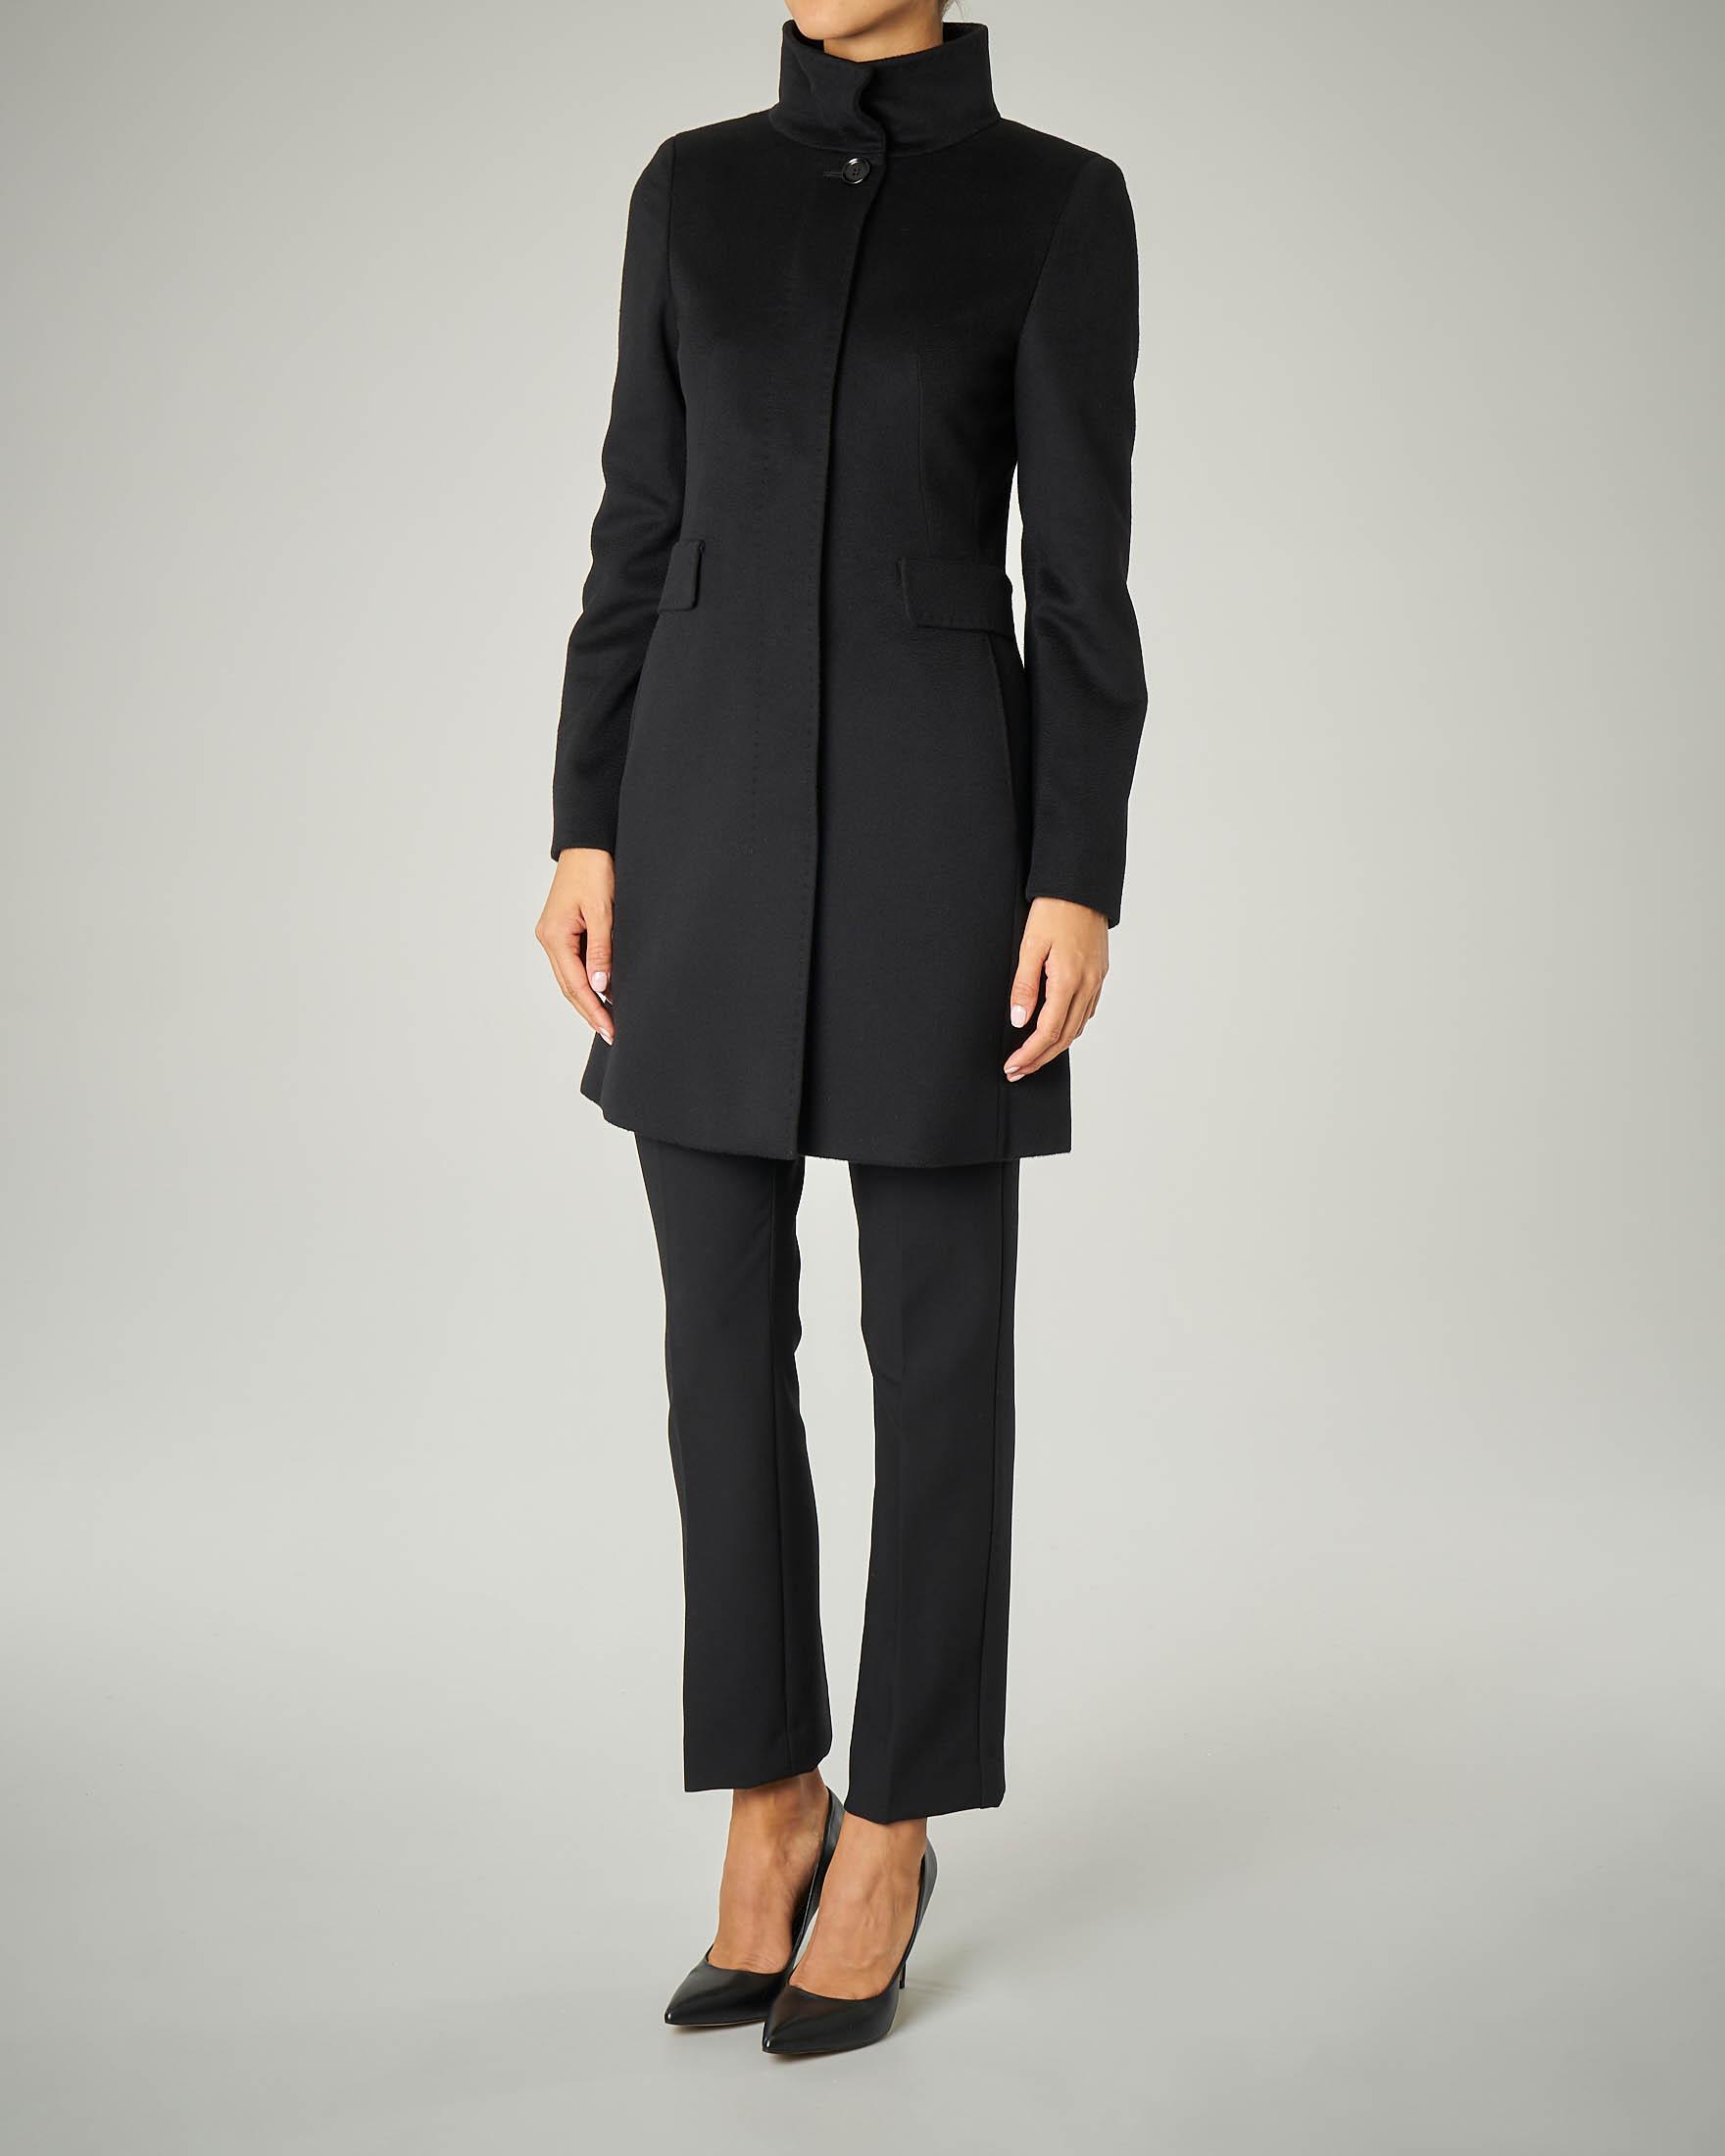 Cappotto nero sfiancato in pura lana con collo alto